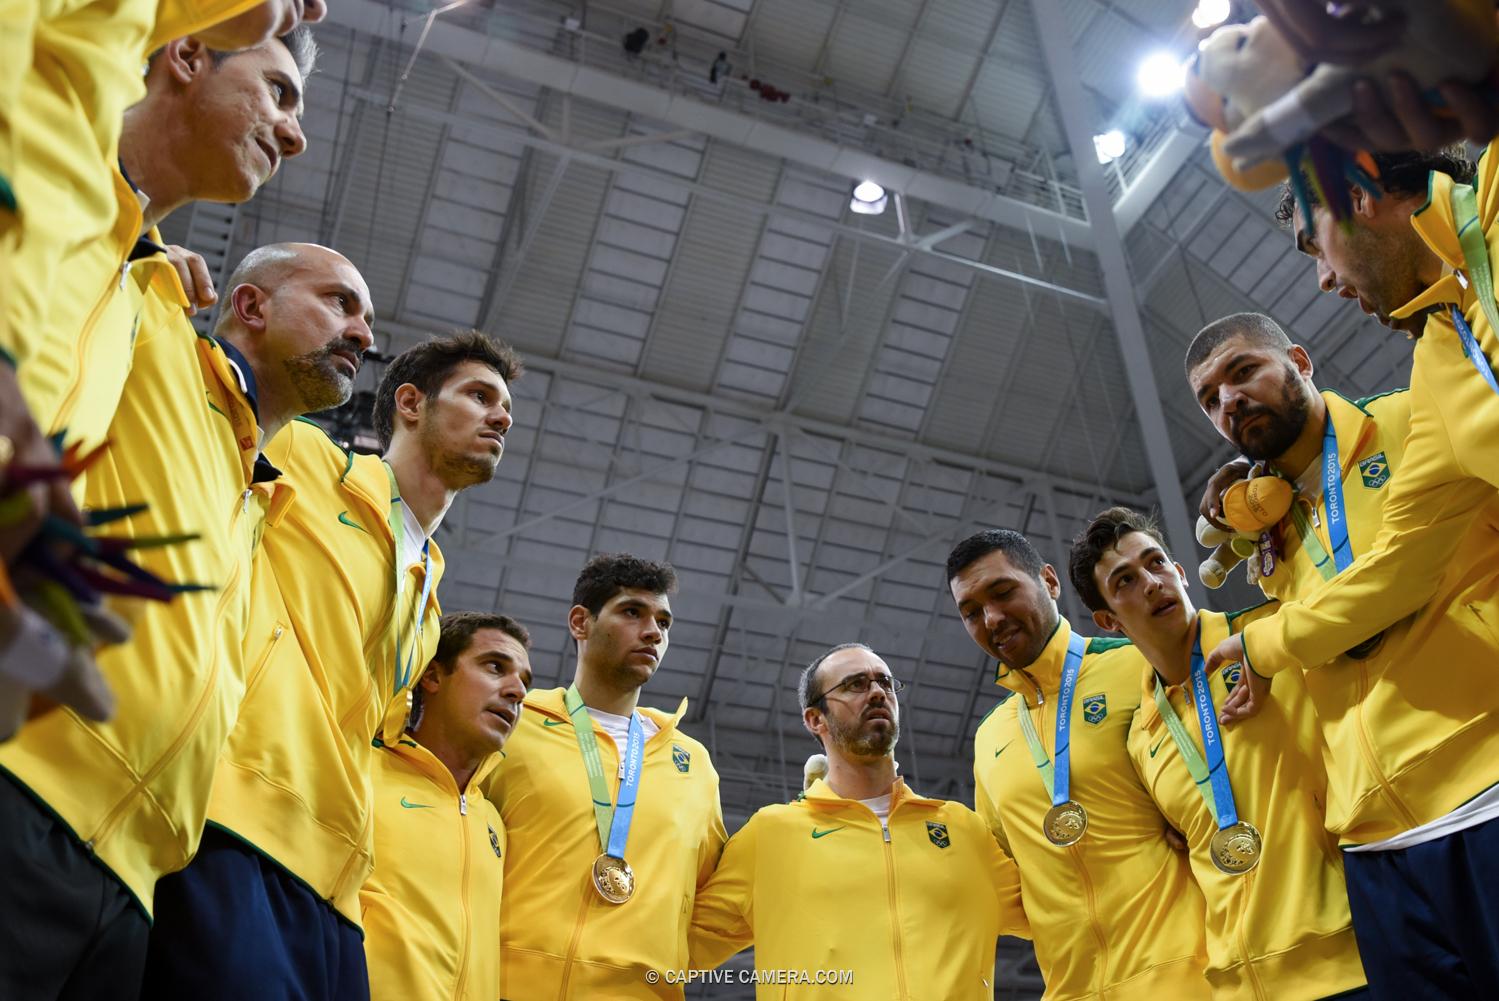 20150725 - TO2015 Pan American Games - Basketball - Toronto Sports Photography - Captive Camera - Jaime Espinoza-21.JPG